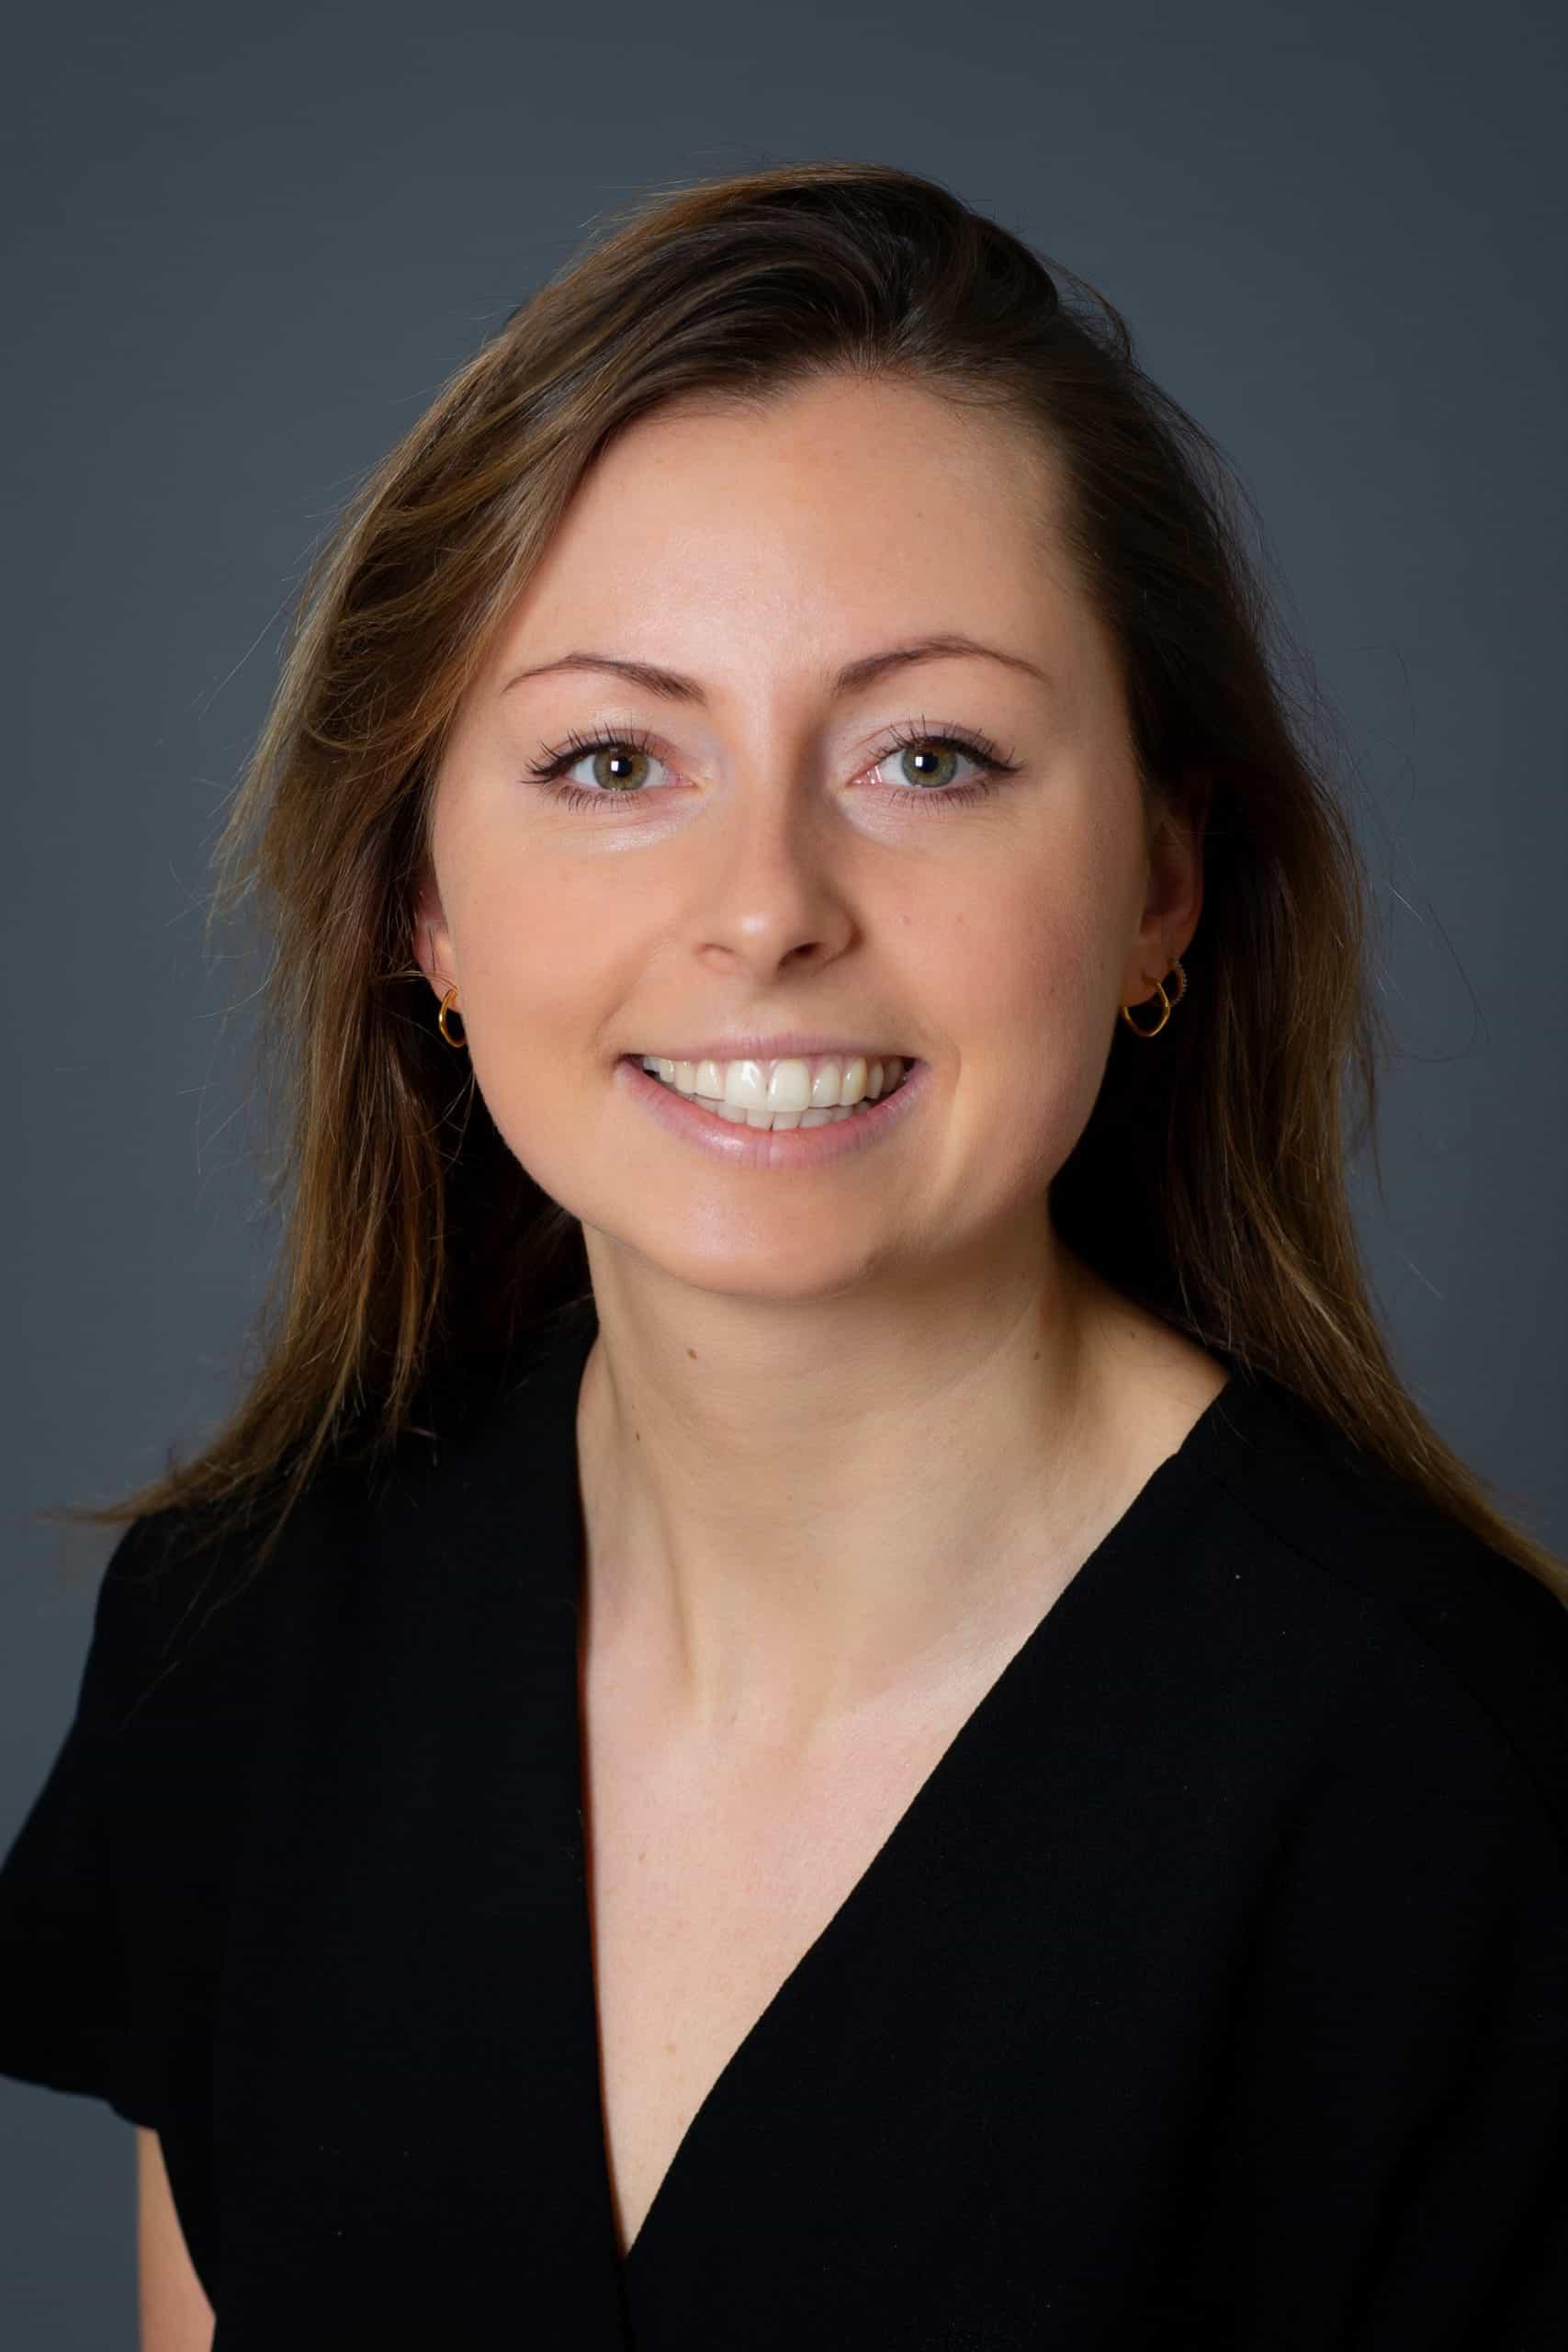 Lauren Falla